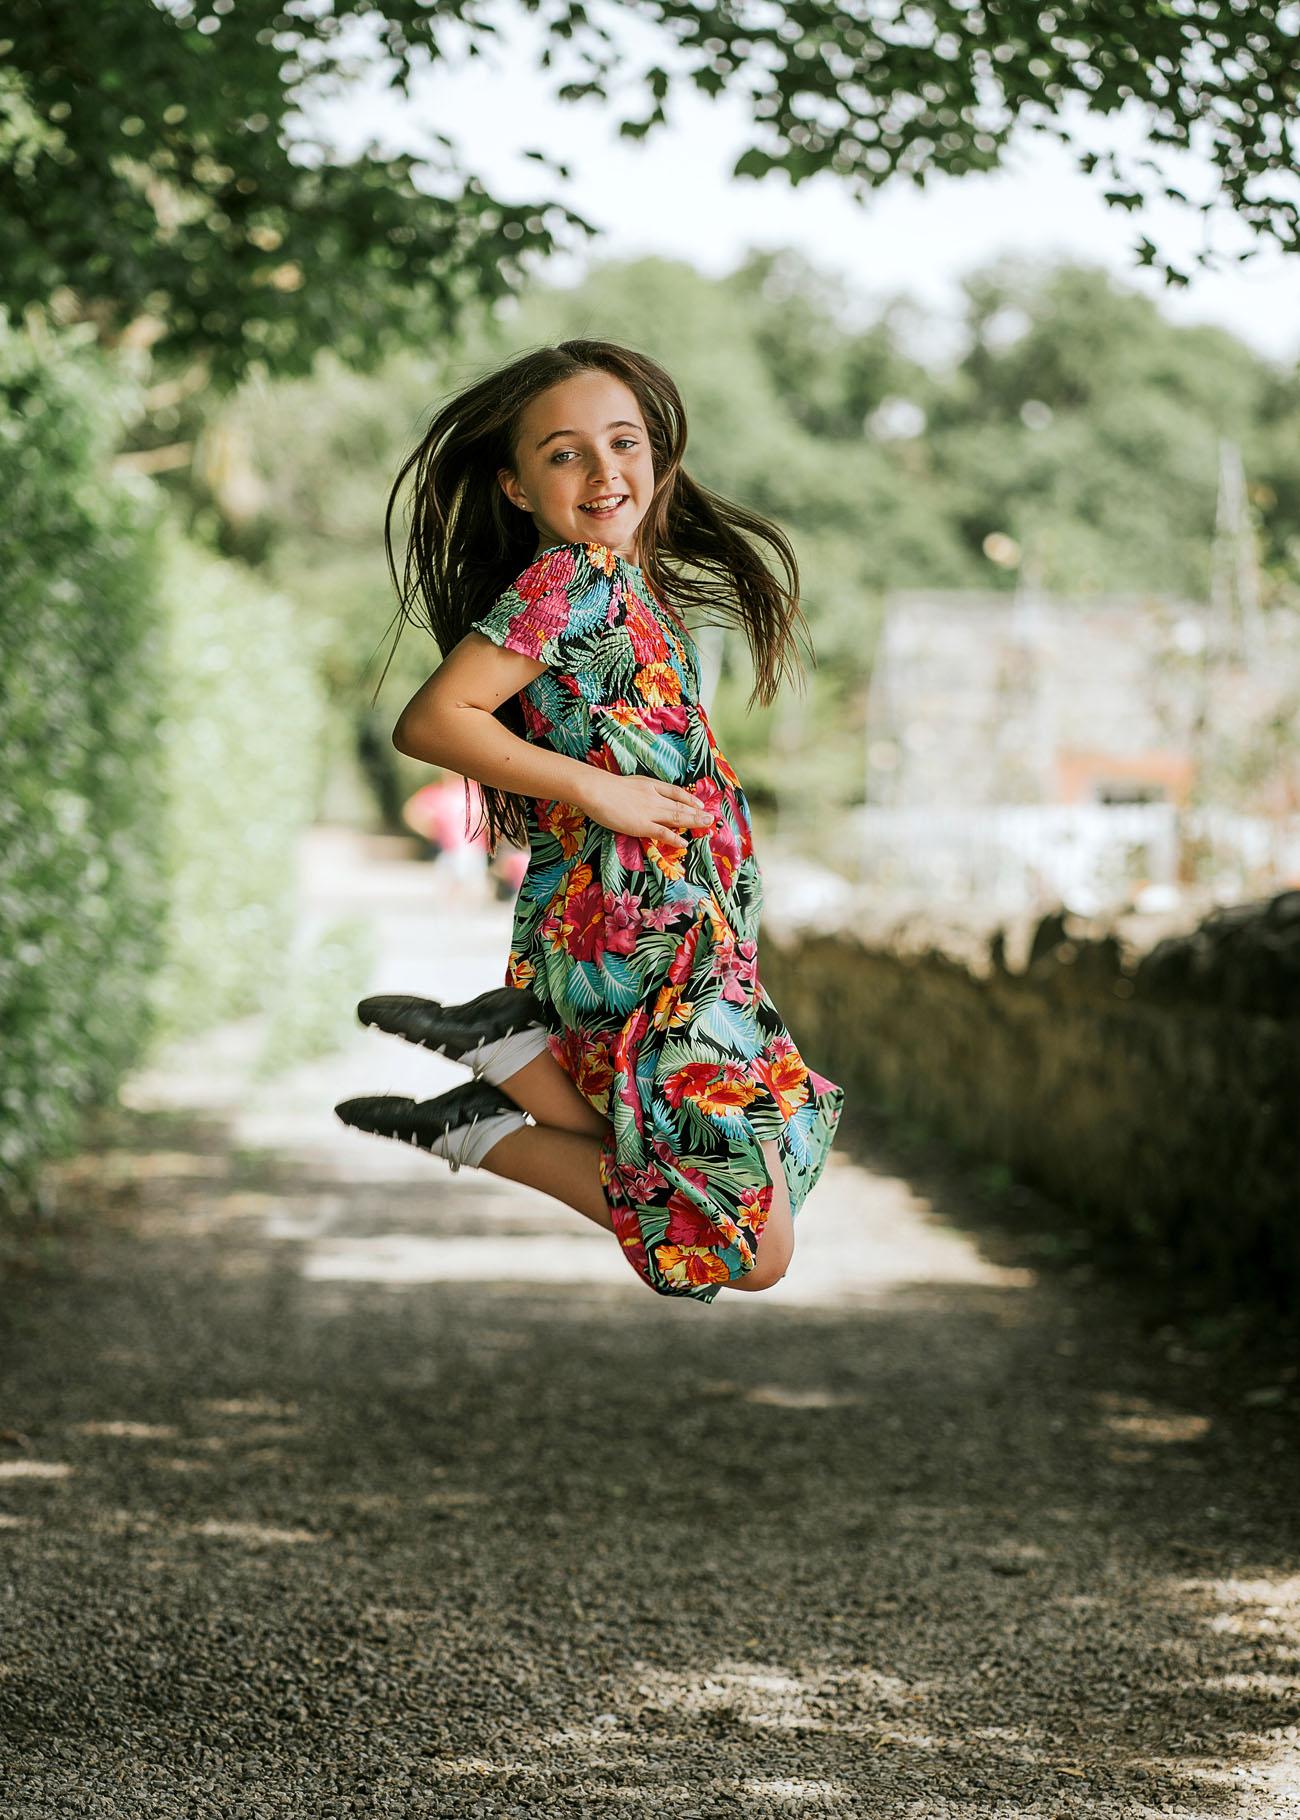 irish-dance-portrait-photographer-dublin-ireland-0052.jpg